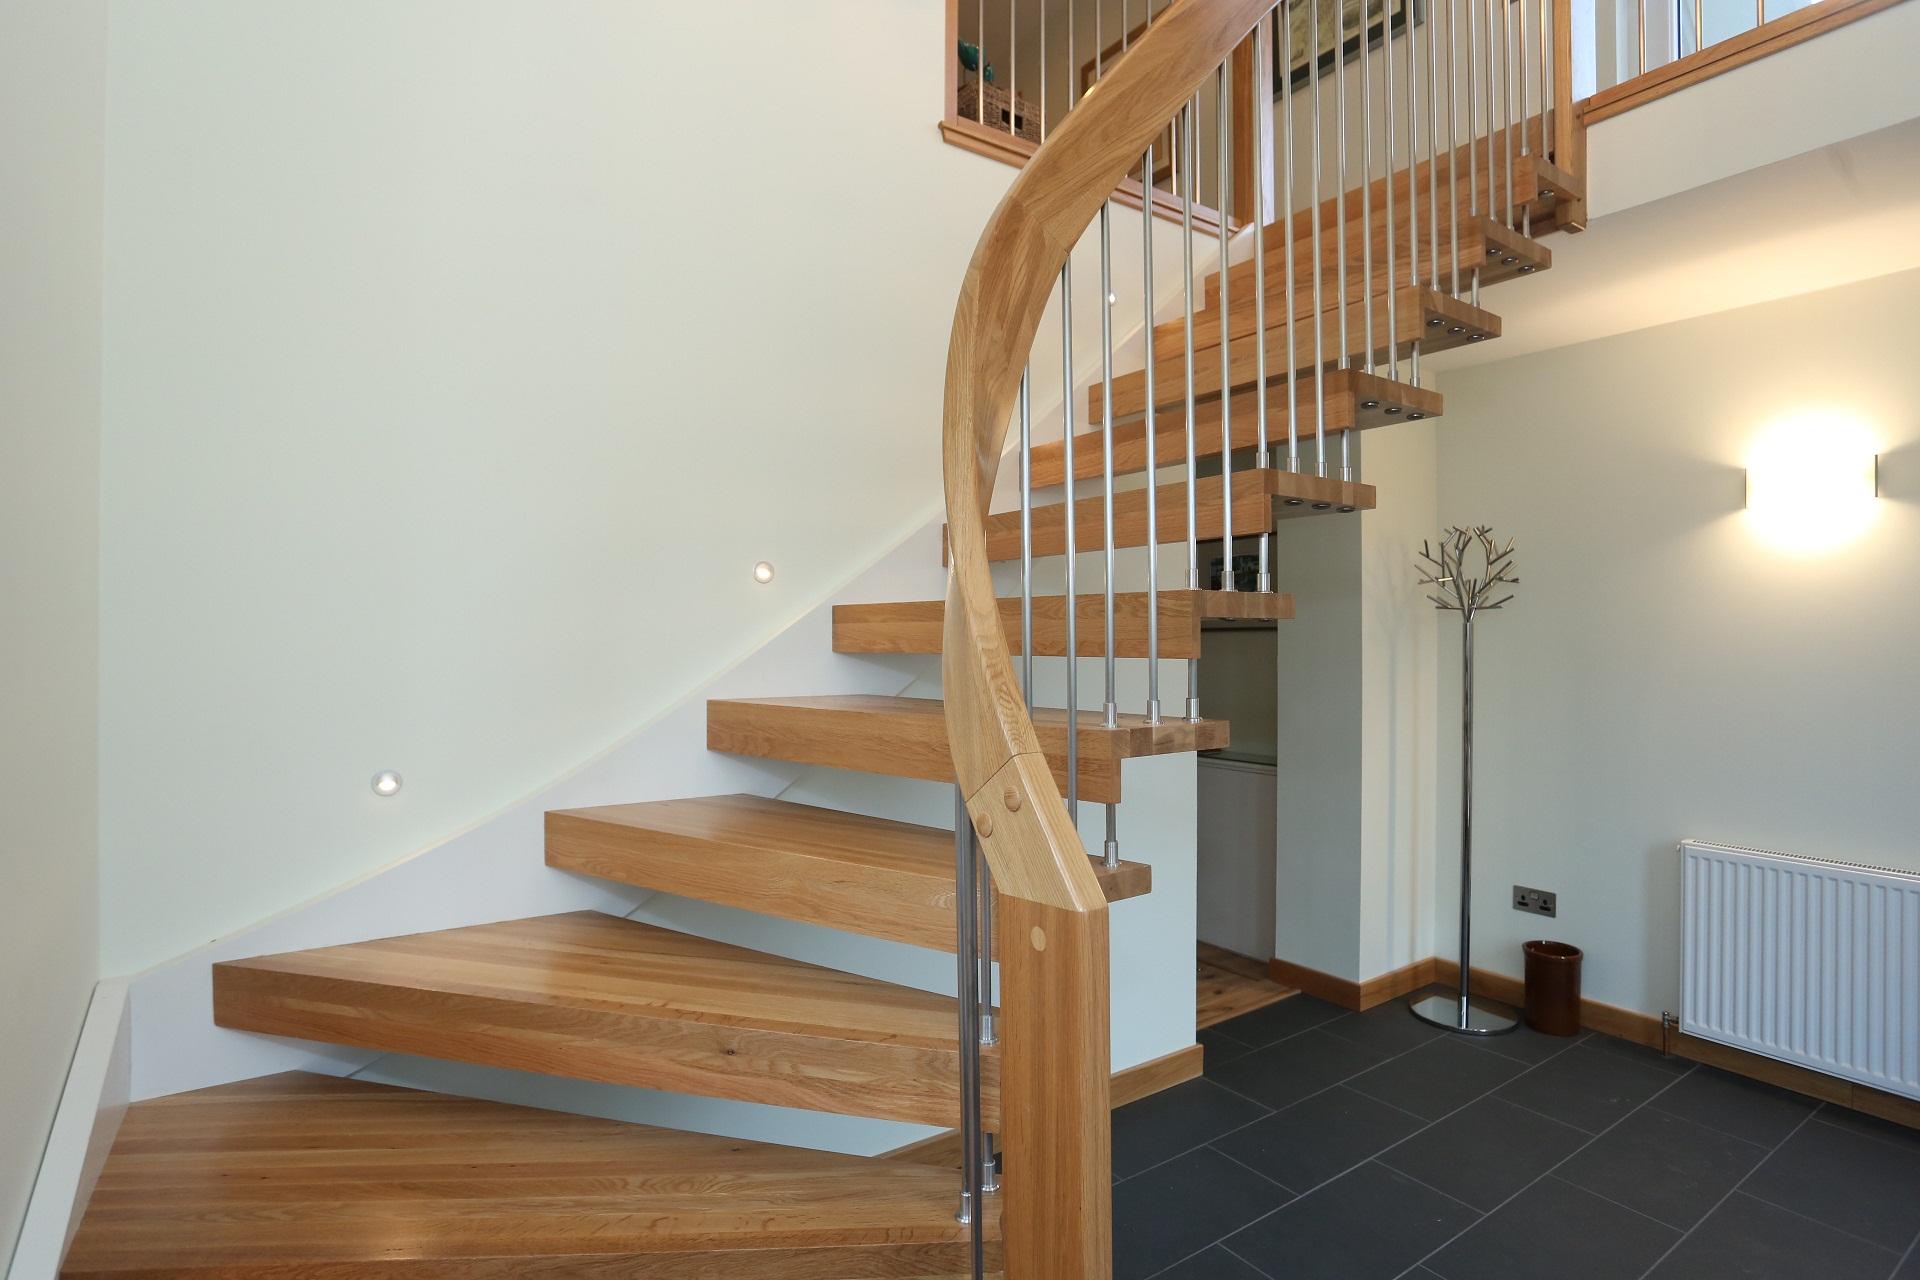 Tendencias y consejos de iluminaci n para el hogar for Iluminar piso interior